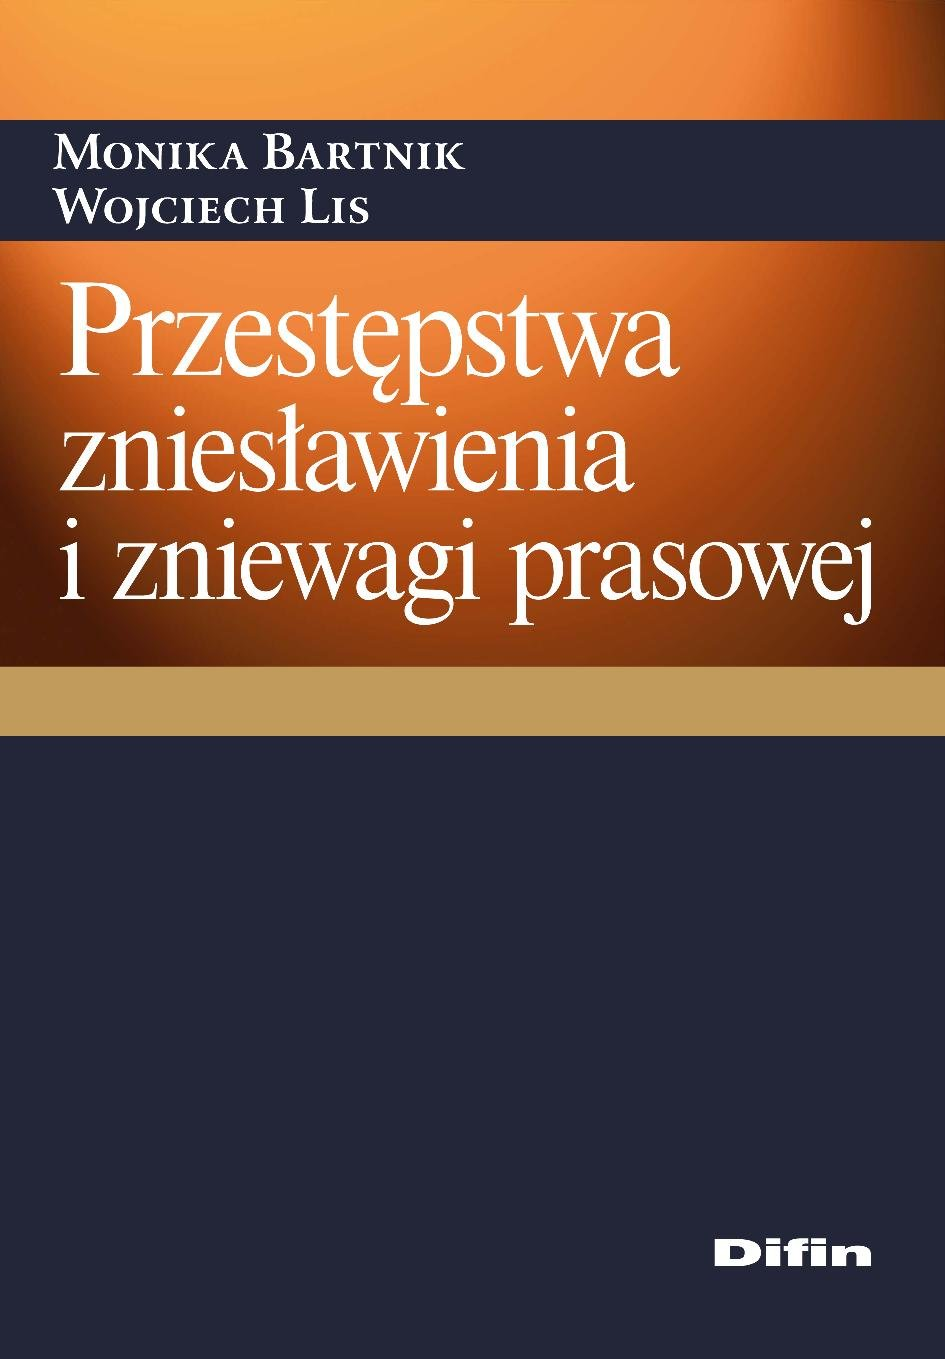 Przestępstwa zniesławienia i zniewagi prasowej - Ebook (Książka PDF) do pobrania w formacie PDF